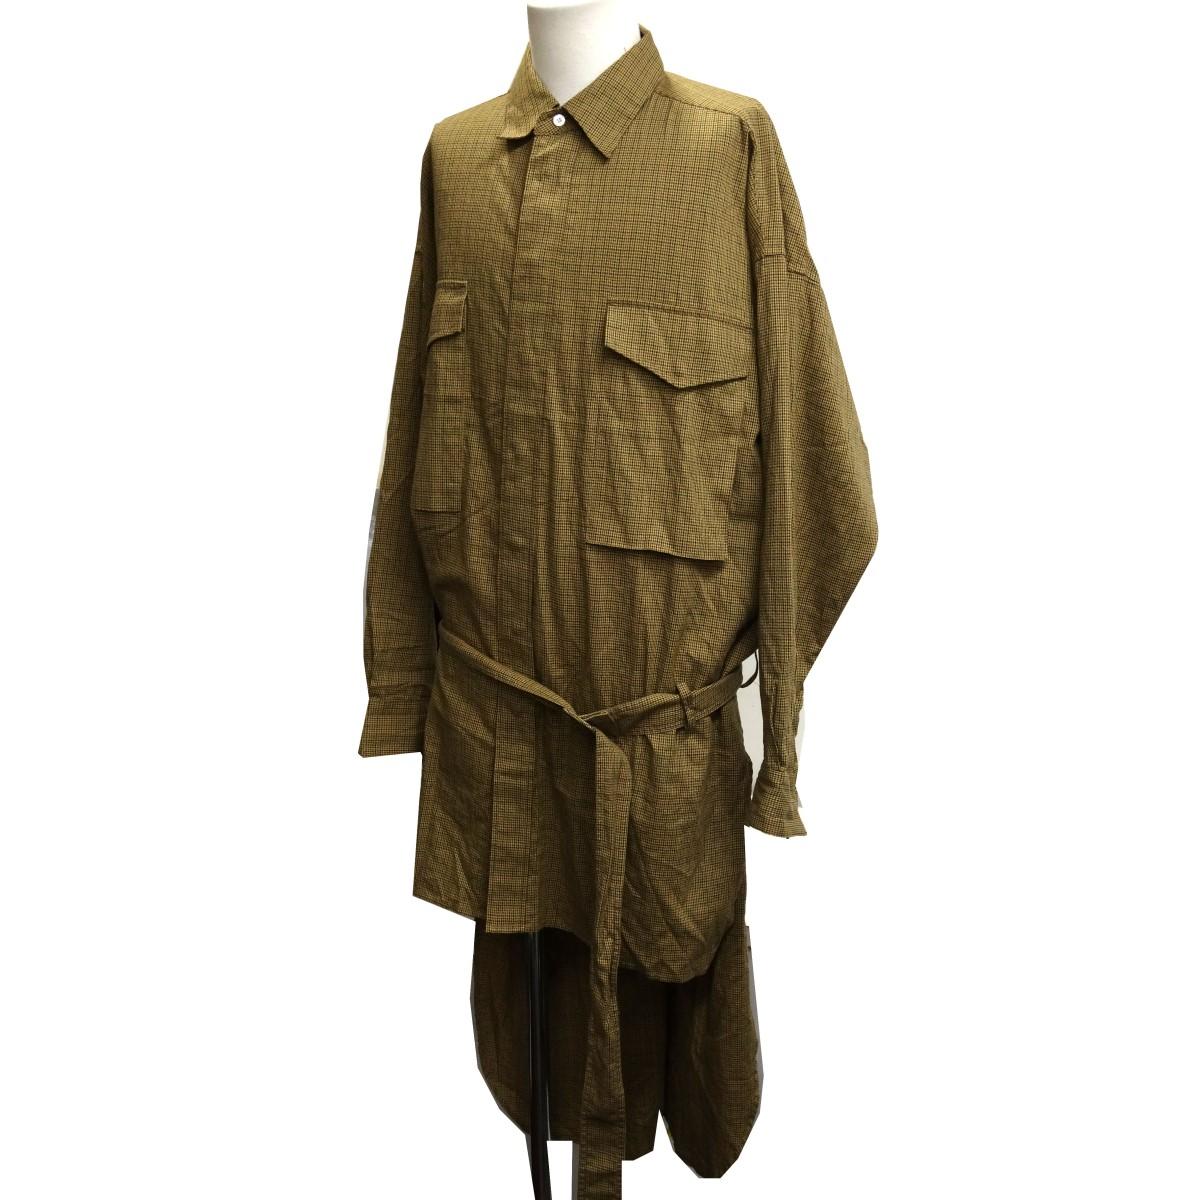 【中古】Maison MIHARA YASUHIRO チェックシャツベルテッドコート ベージュ サイズ:46 【050420】(メゾンミハラヤスヒロ)